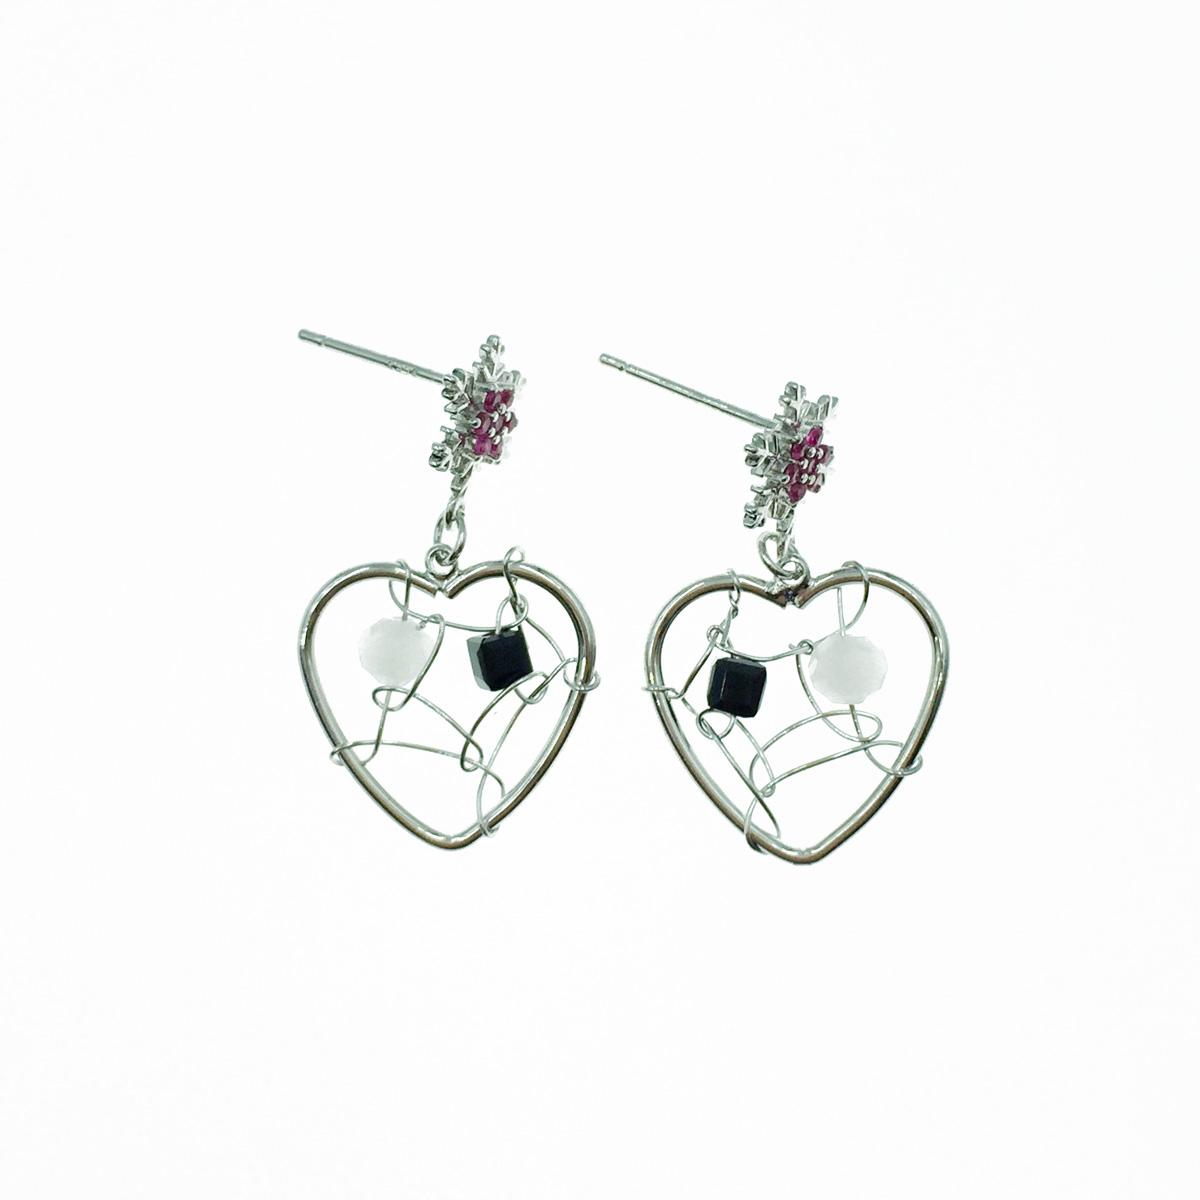 韓國 925純銀 雪花造型 水鑽 簍空愛心 黑白水晶 垂墜感 耳針式耳環